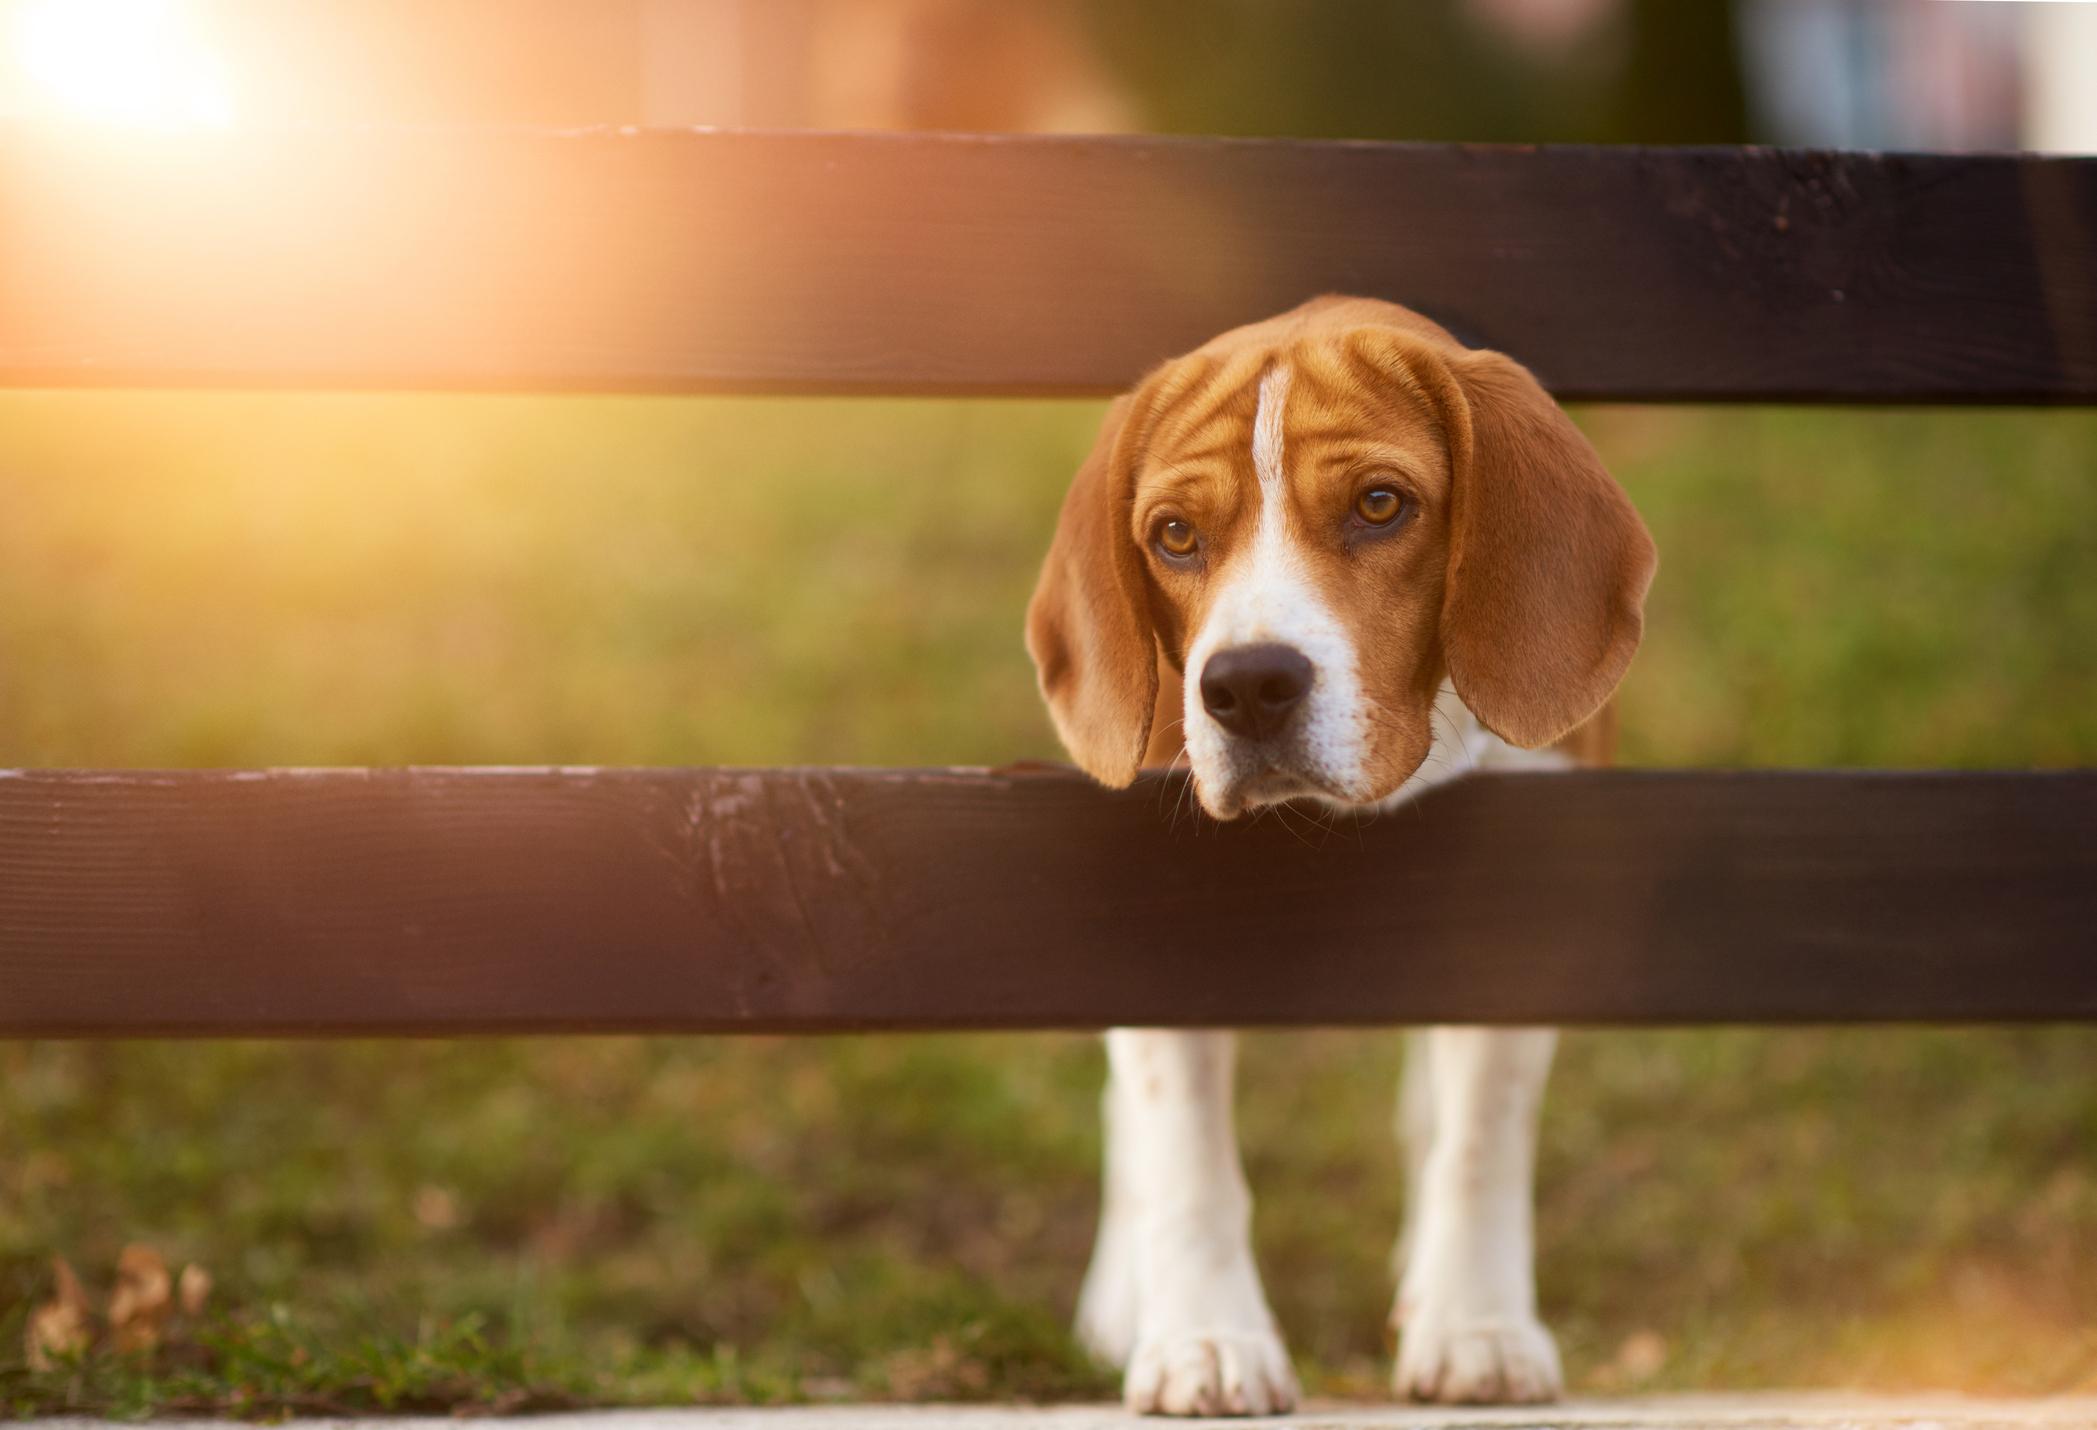 Zwierzęta odczuwają emocje, tak samo jak ludzie (fot. stock_colors / iStockphoto.com)